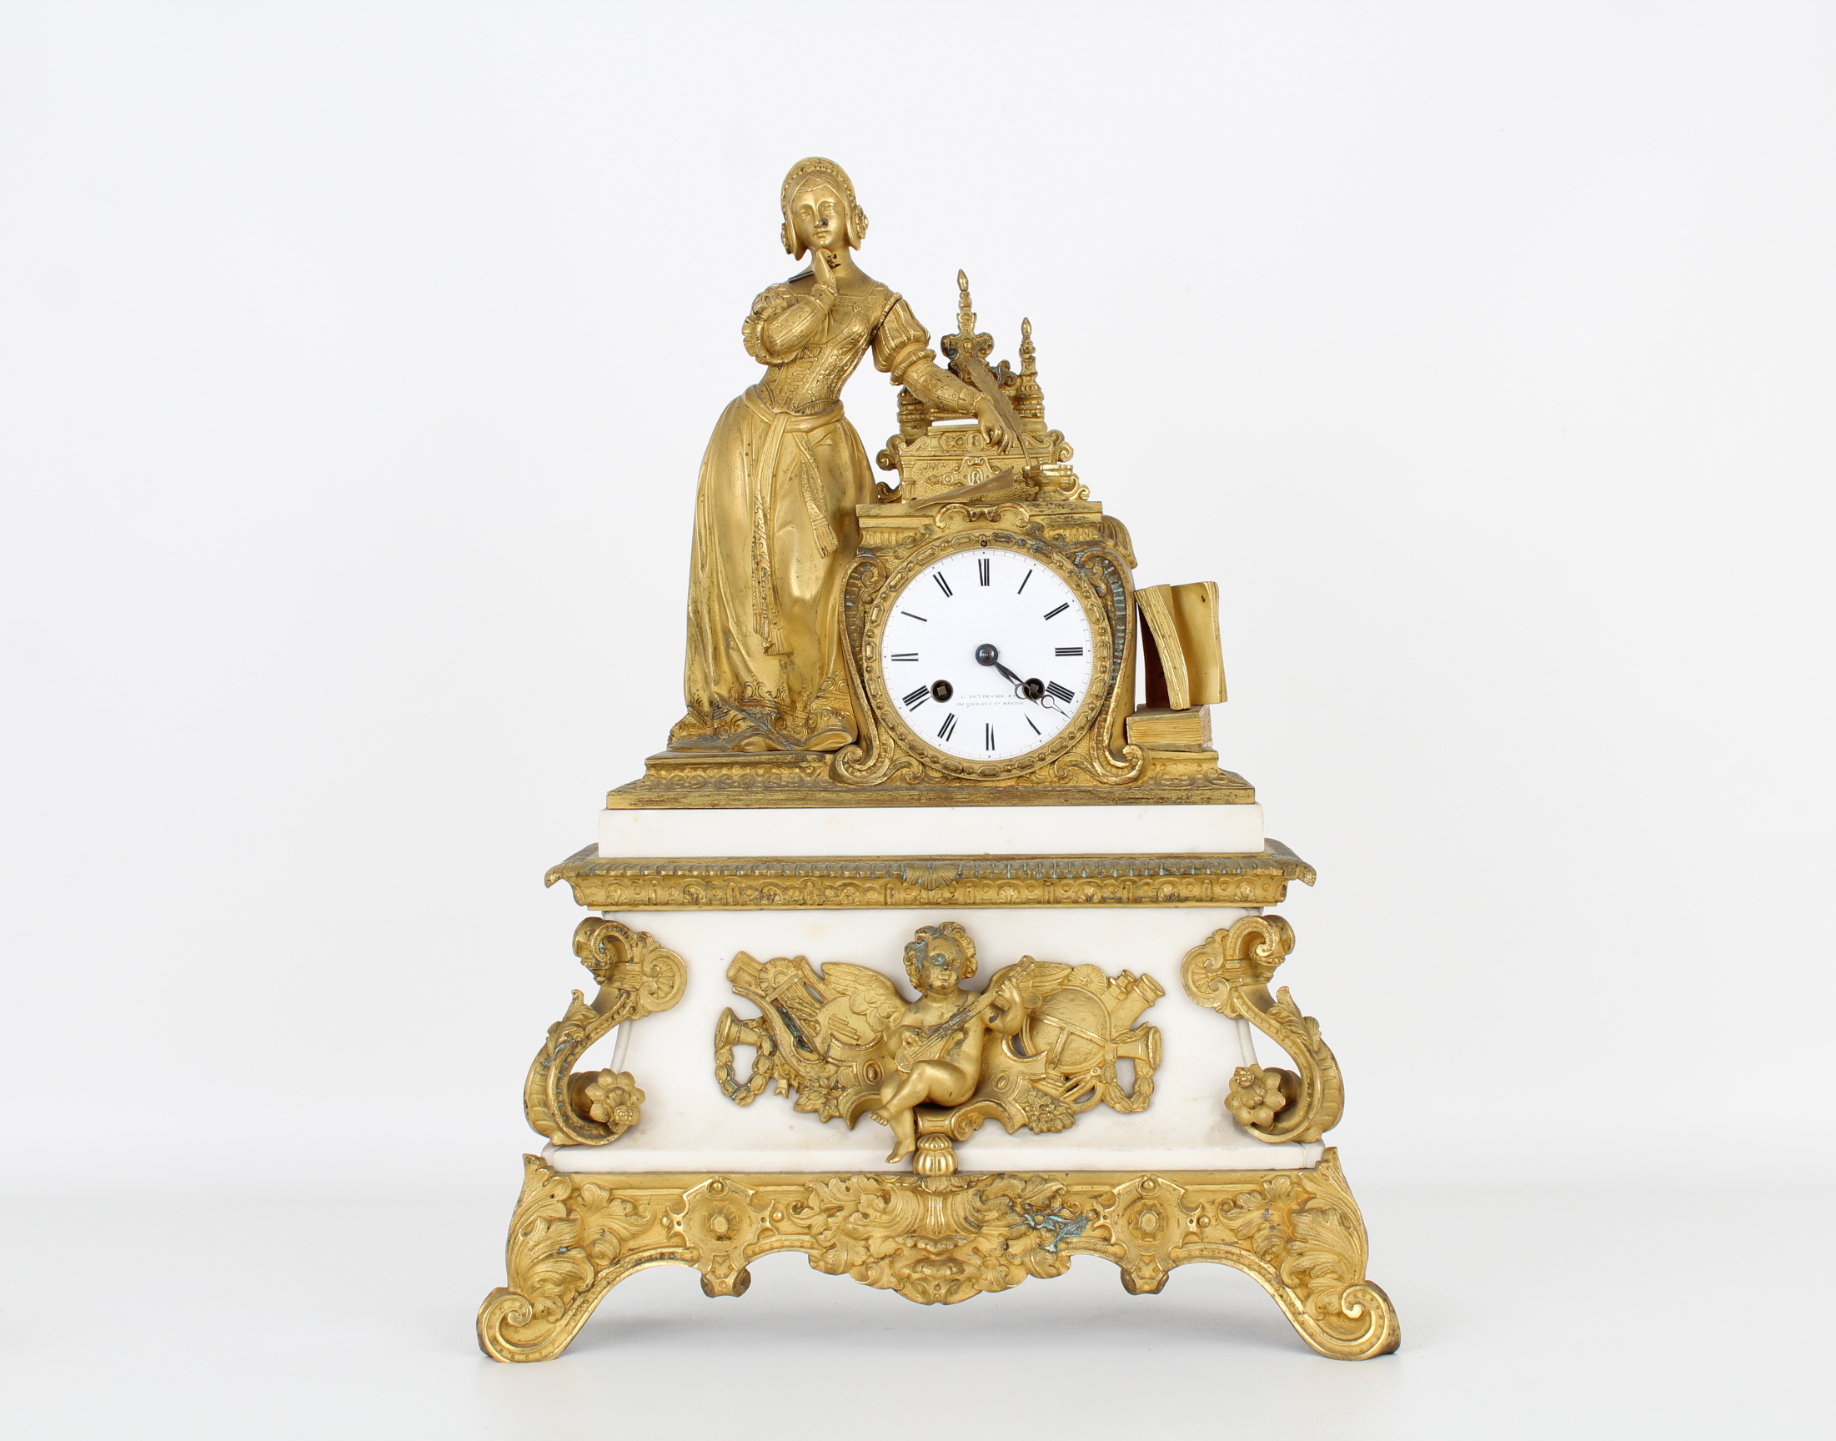 Antique Gilt Bronze French Mantel Clock